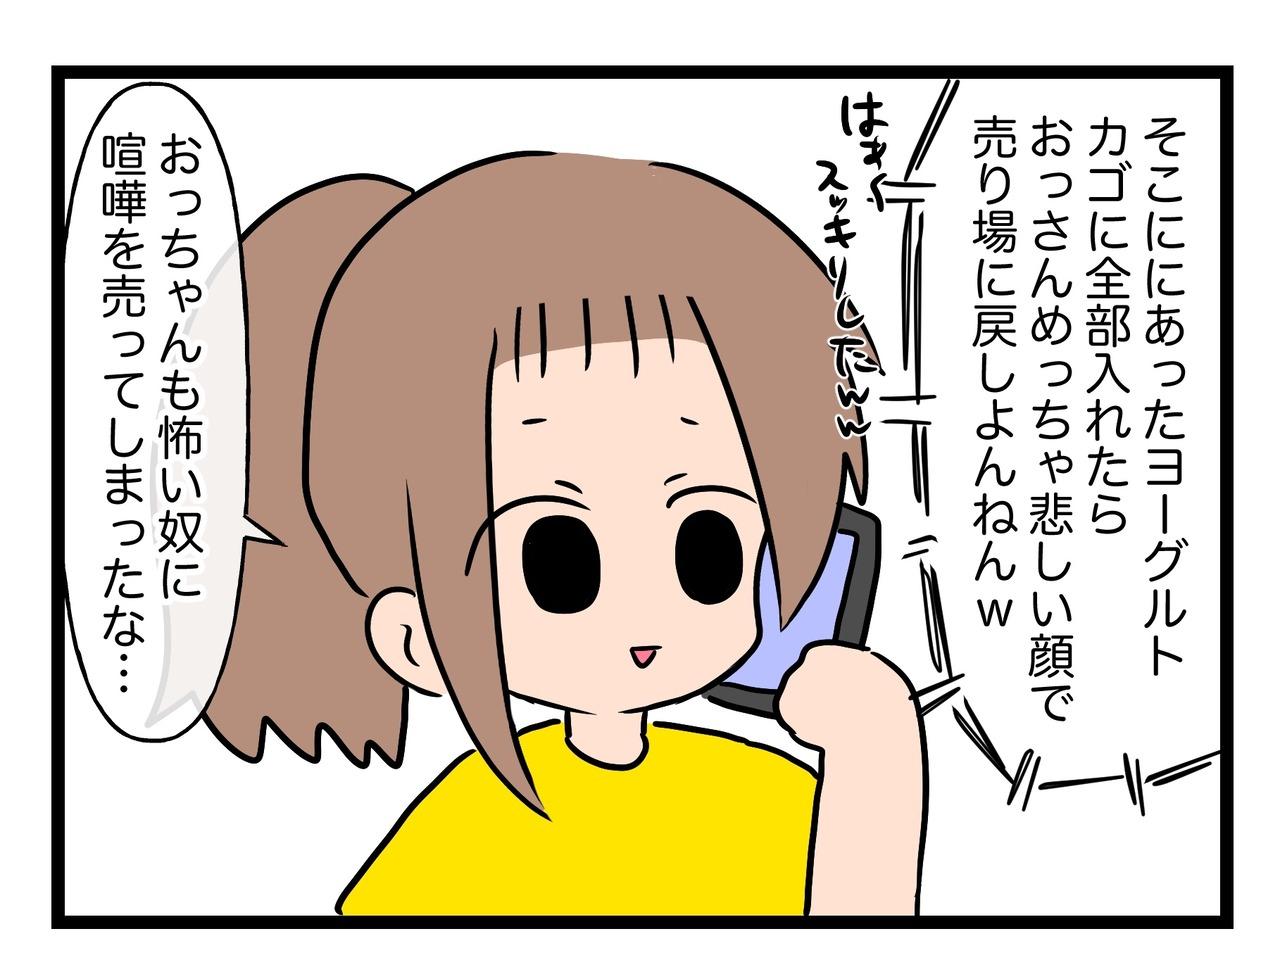 4F4649F5-5CEA-4675-8E51-E404B2AE5743